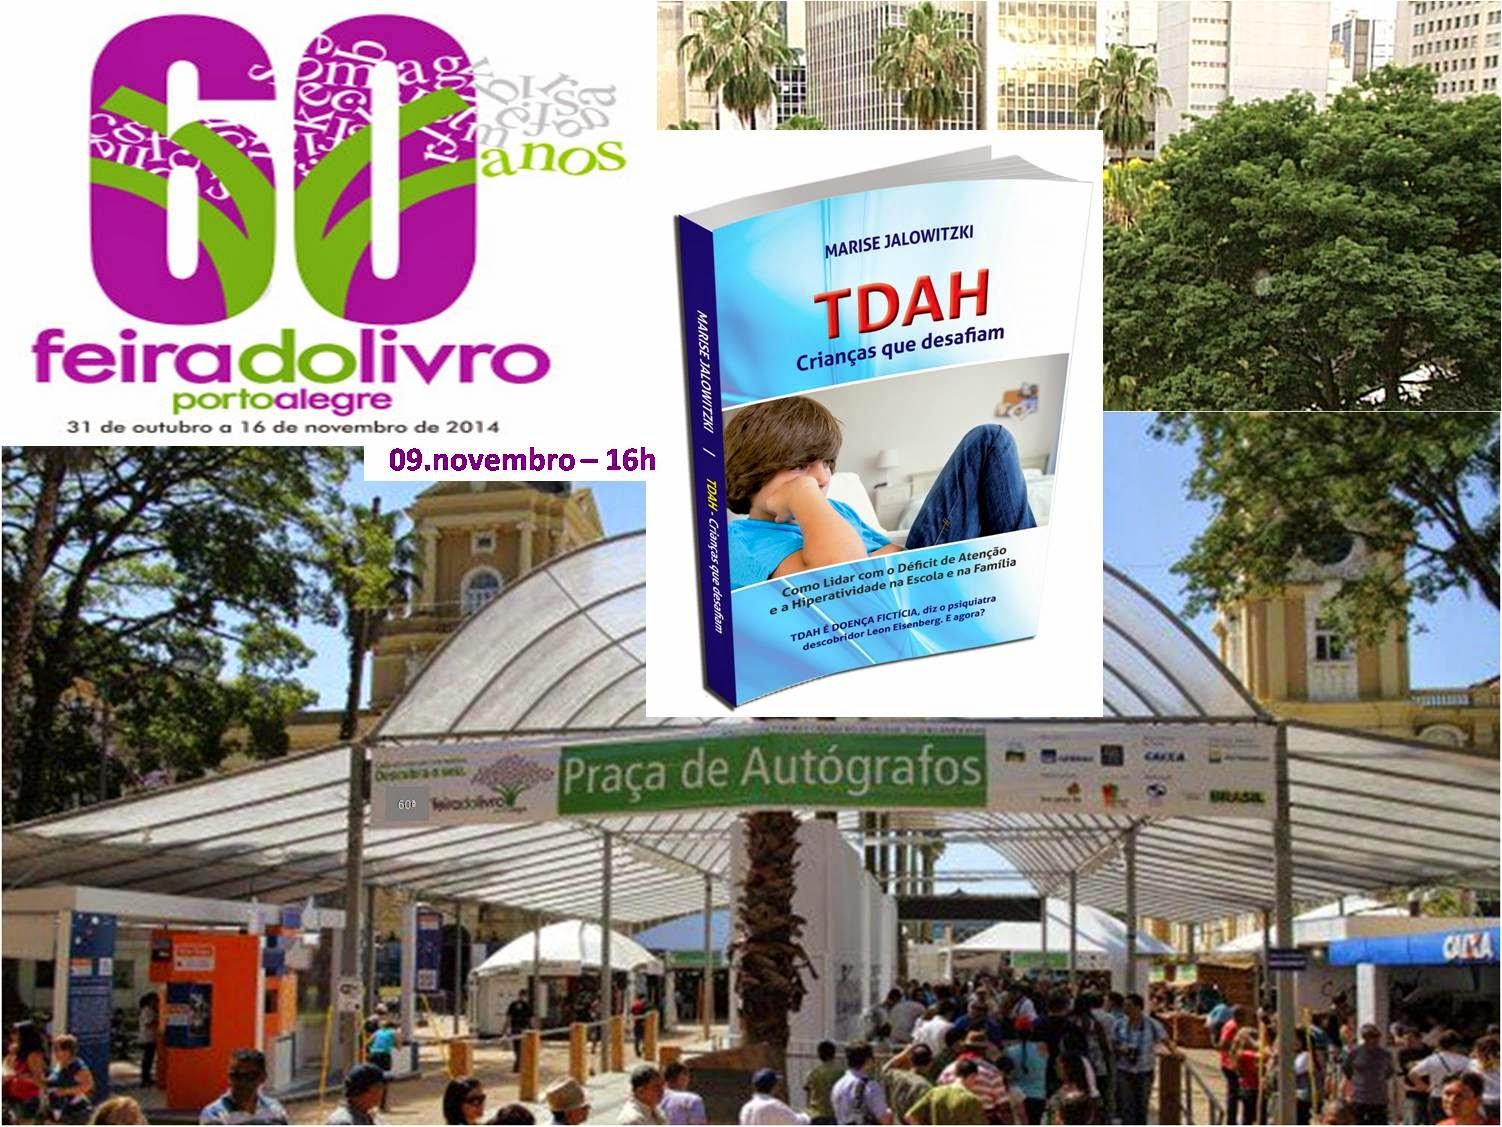 Tarde de Autógrafos - Livro TDAH Crianças que Desafiam -  60ª Feira do Livro de Porto Alegre - RS